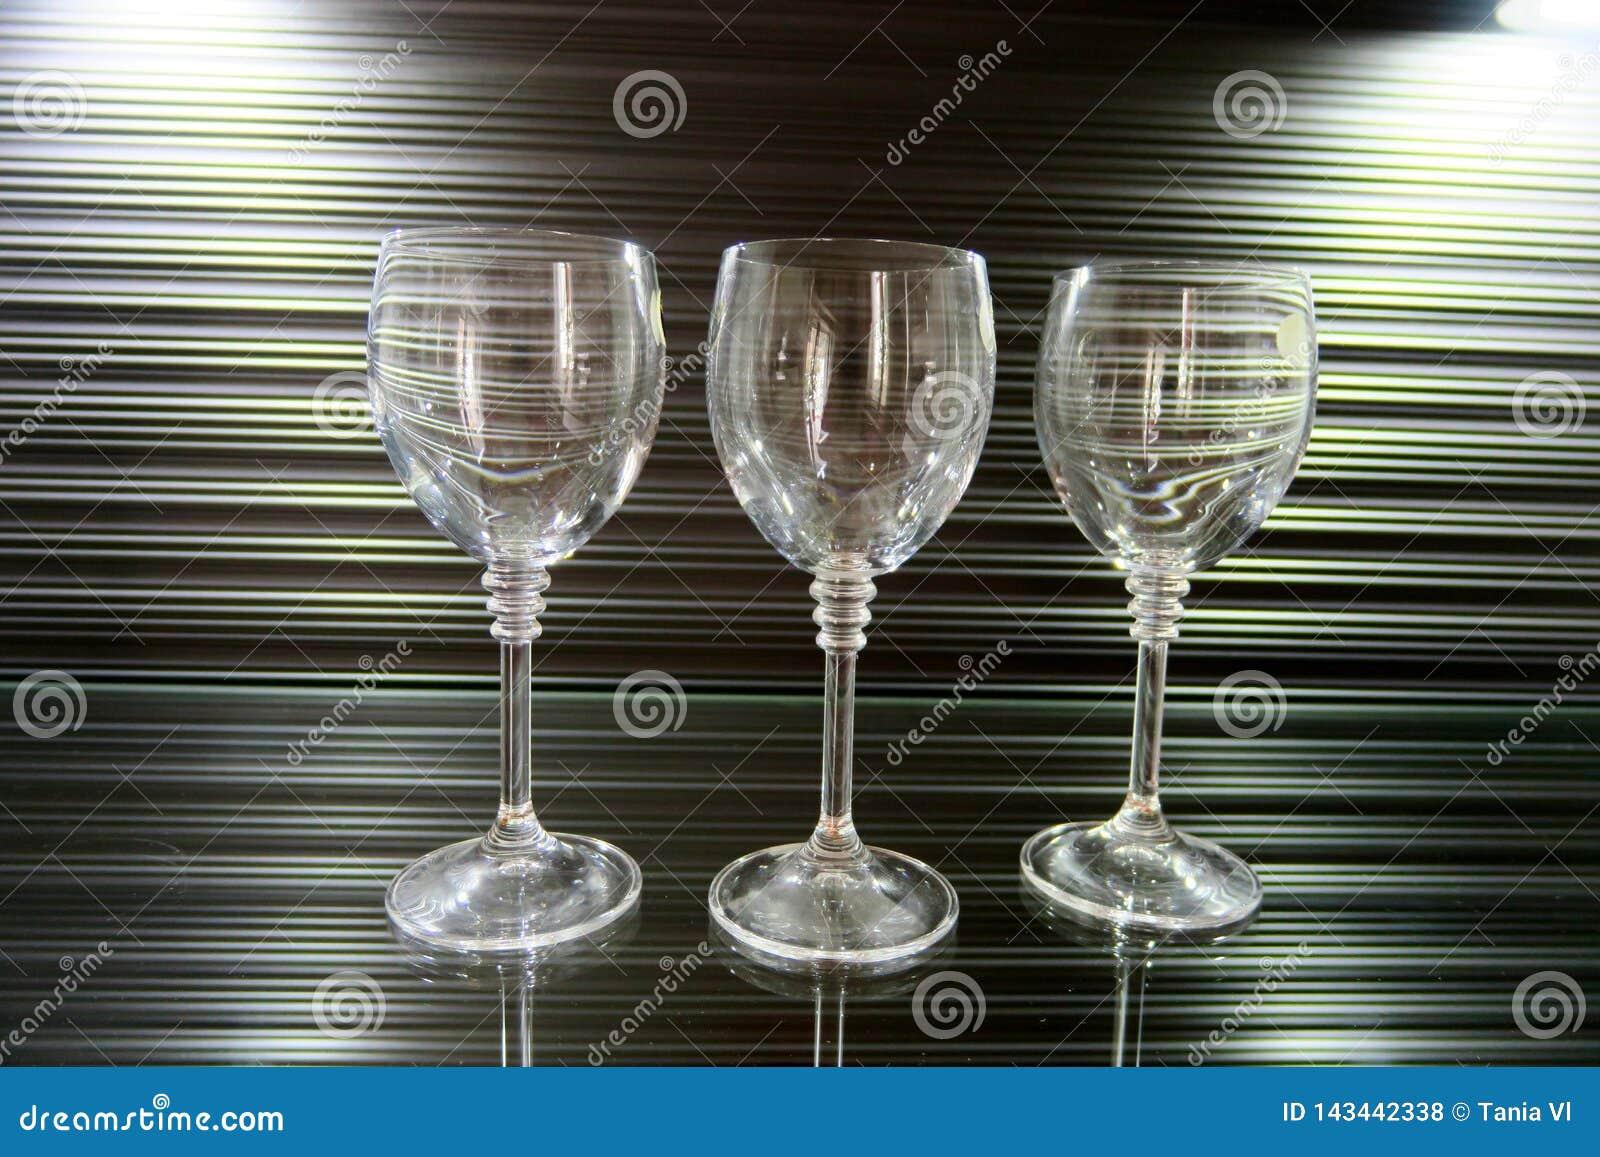 Trois hauts verres transparents sur un beau fond brun